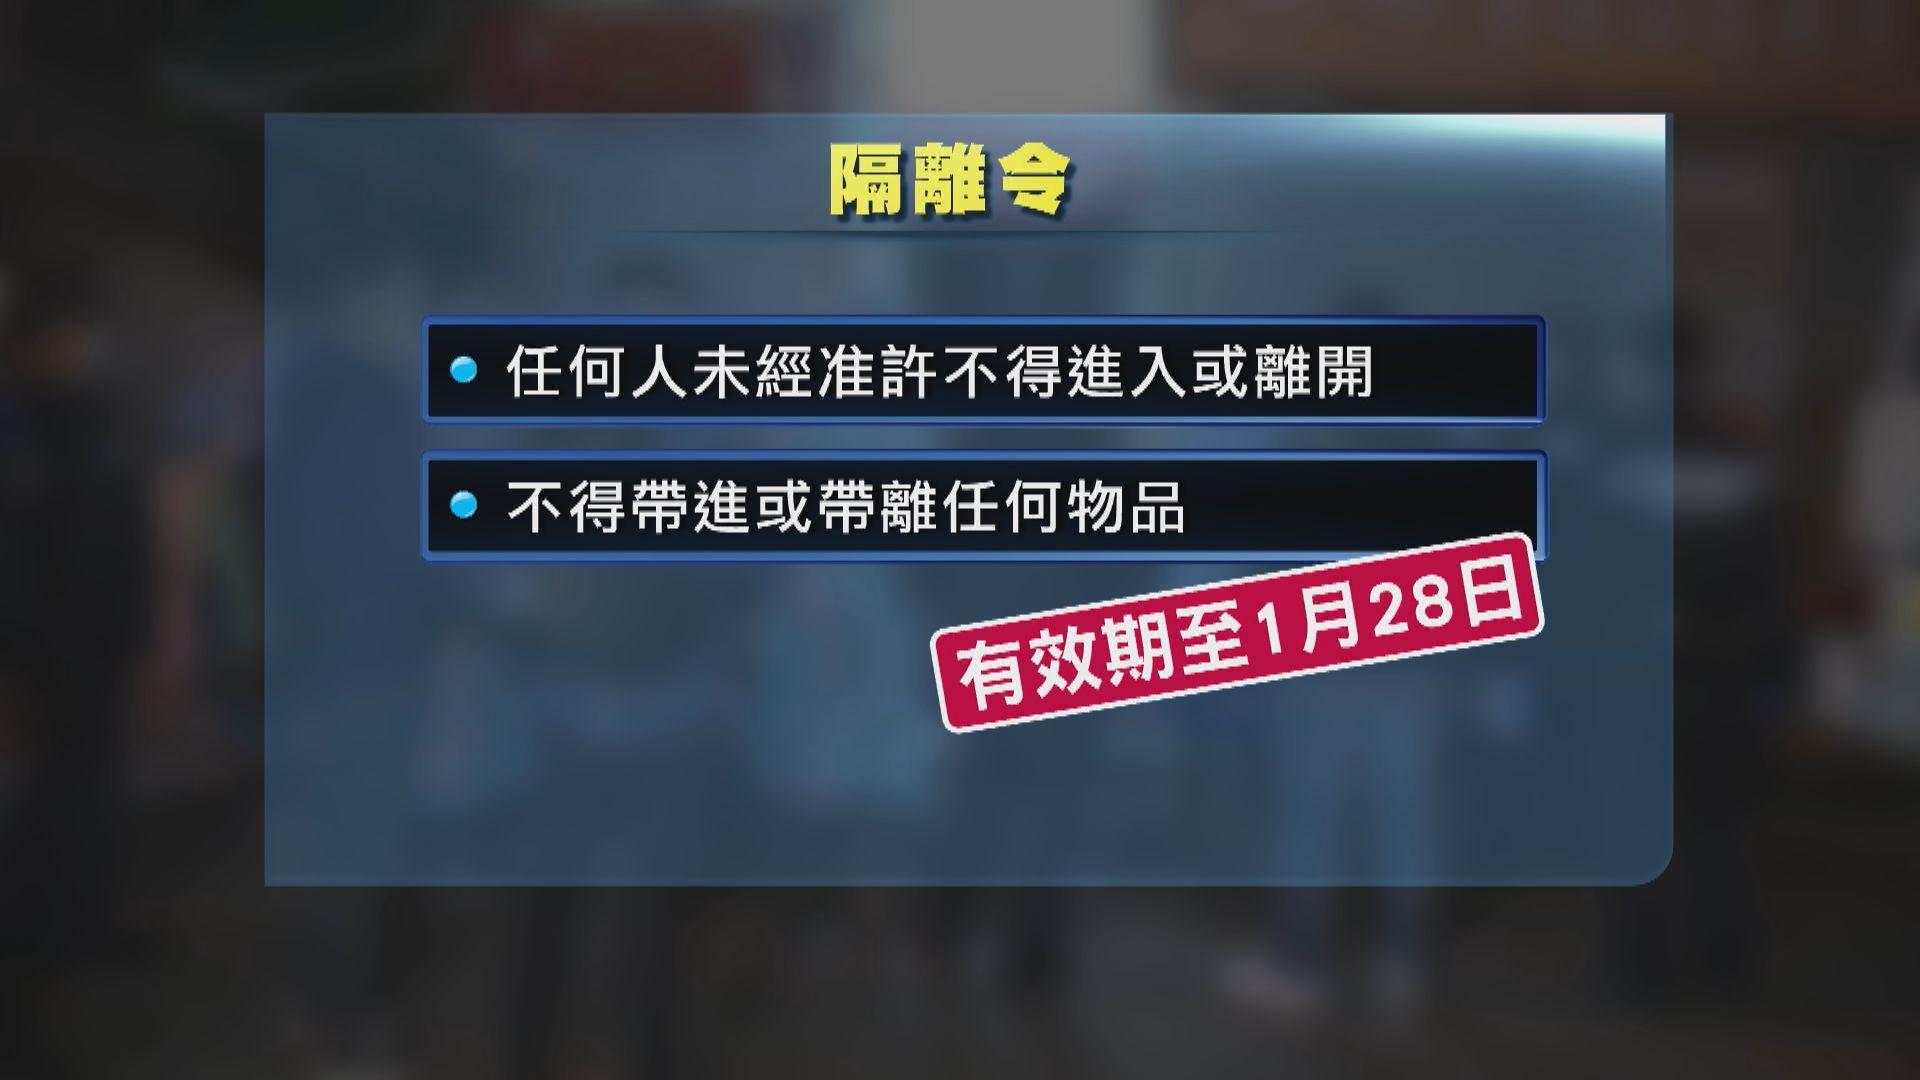 【附強制檢測大廈名單】政府向新填地街20至26號唐樓發隔離令